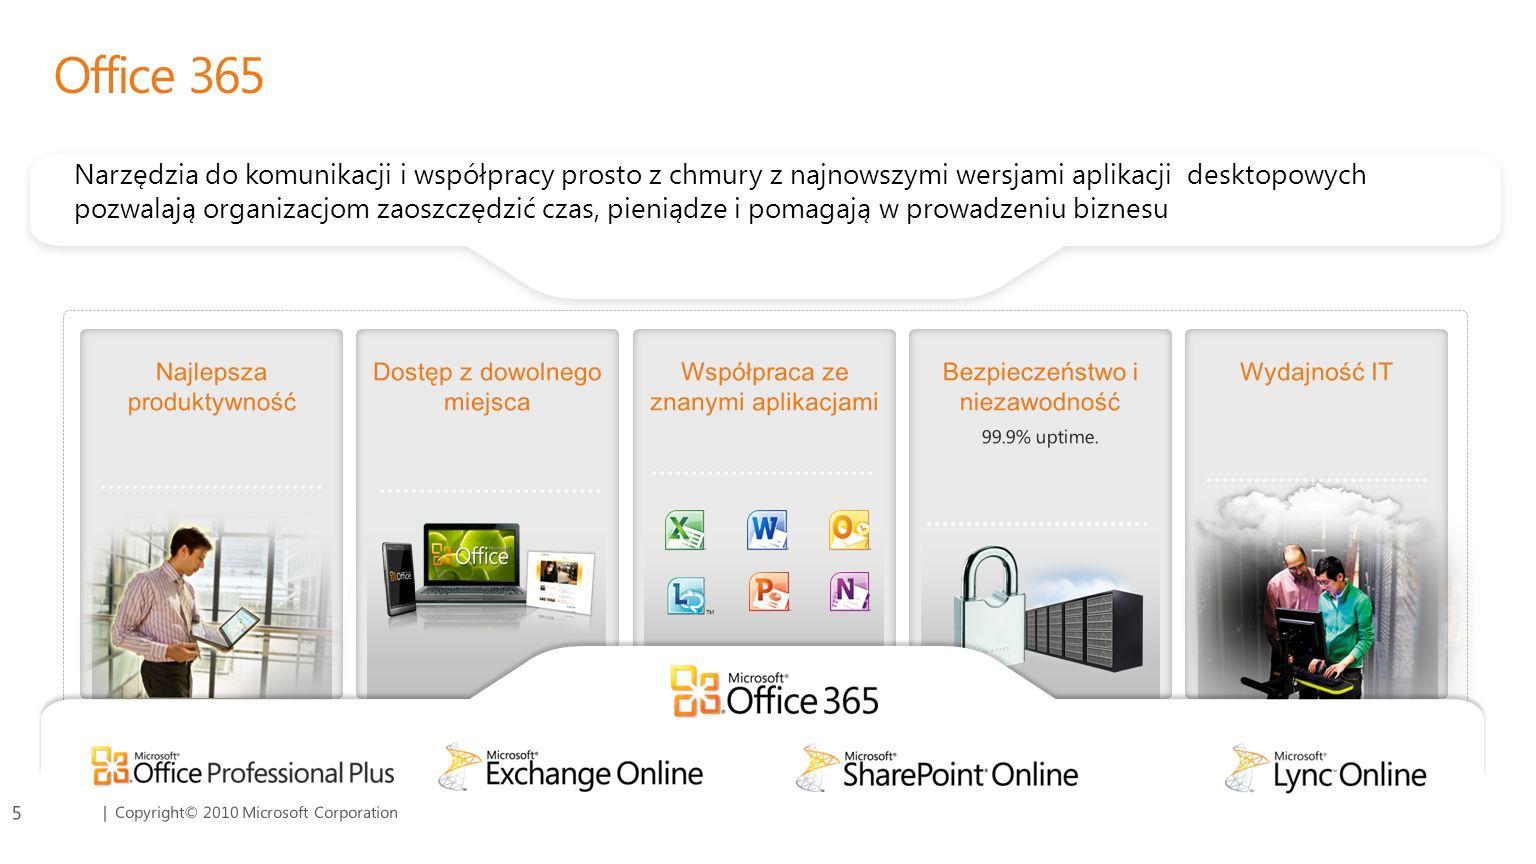 | Copyright© 2010 Microsoft Corporation Produktywność z wykorzystaniem Office 365 4